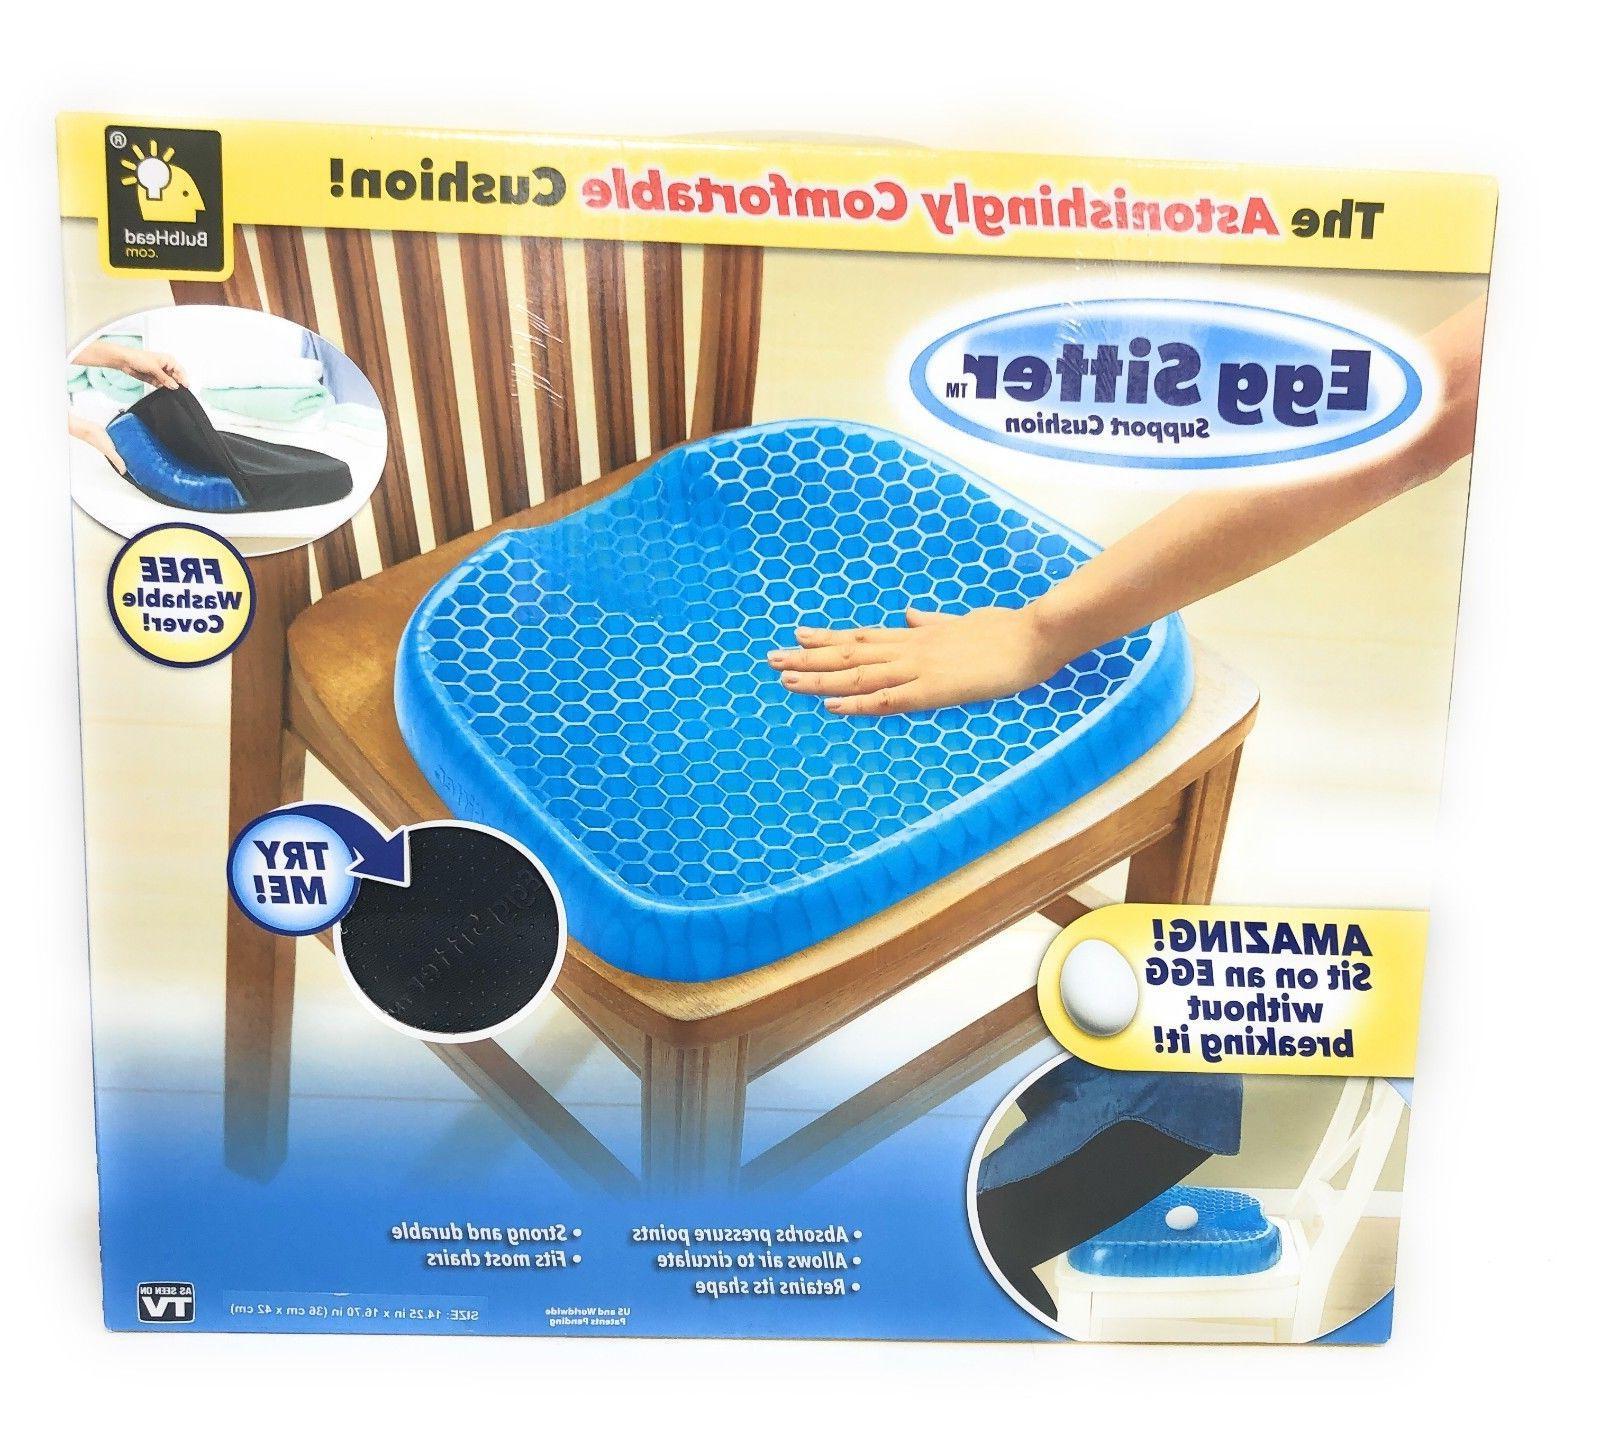 BulbHead Cushion Non-Slip Breathable Honeycomb